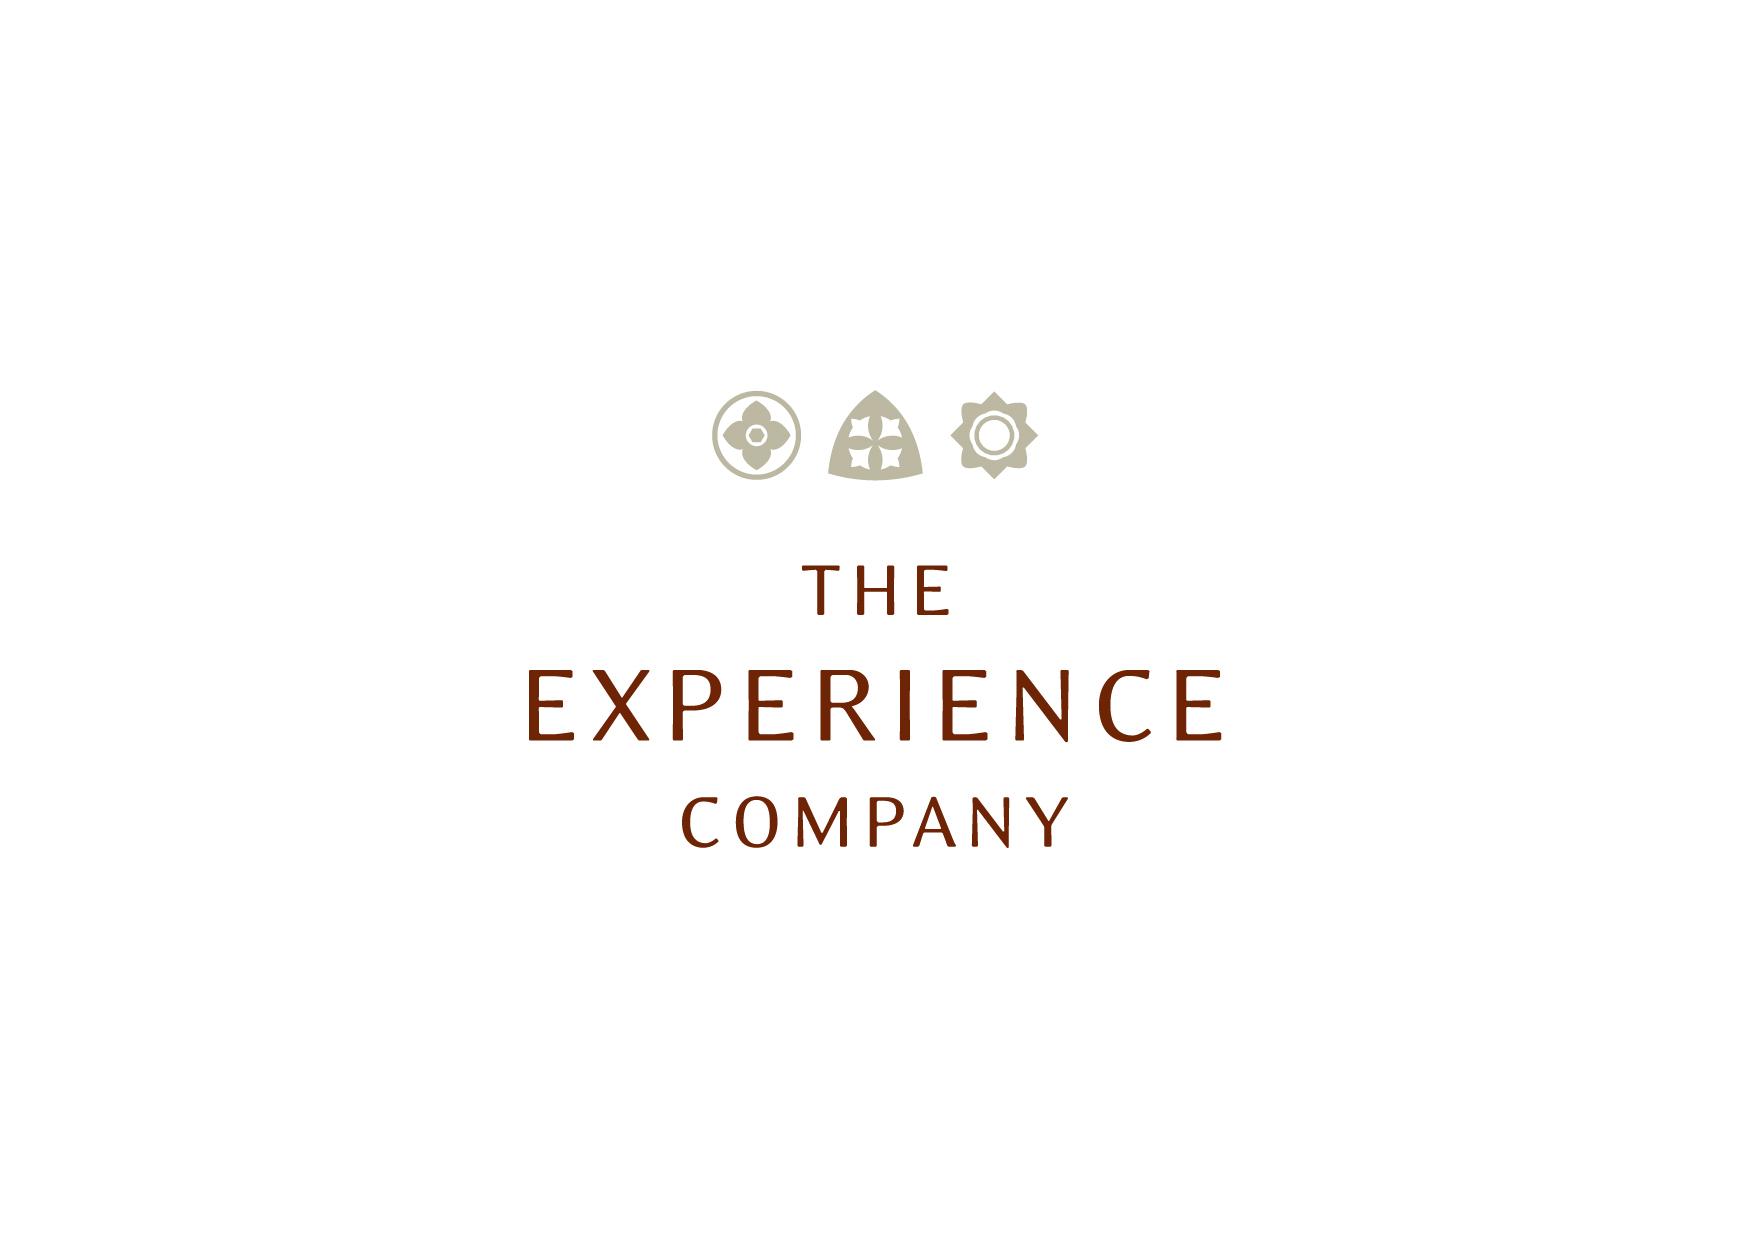 The Experience Company